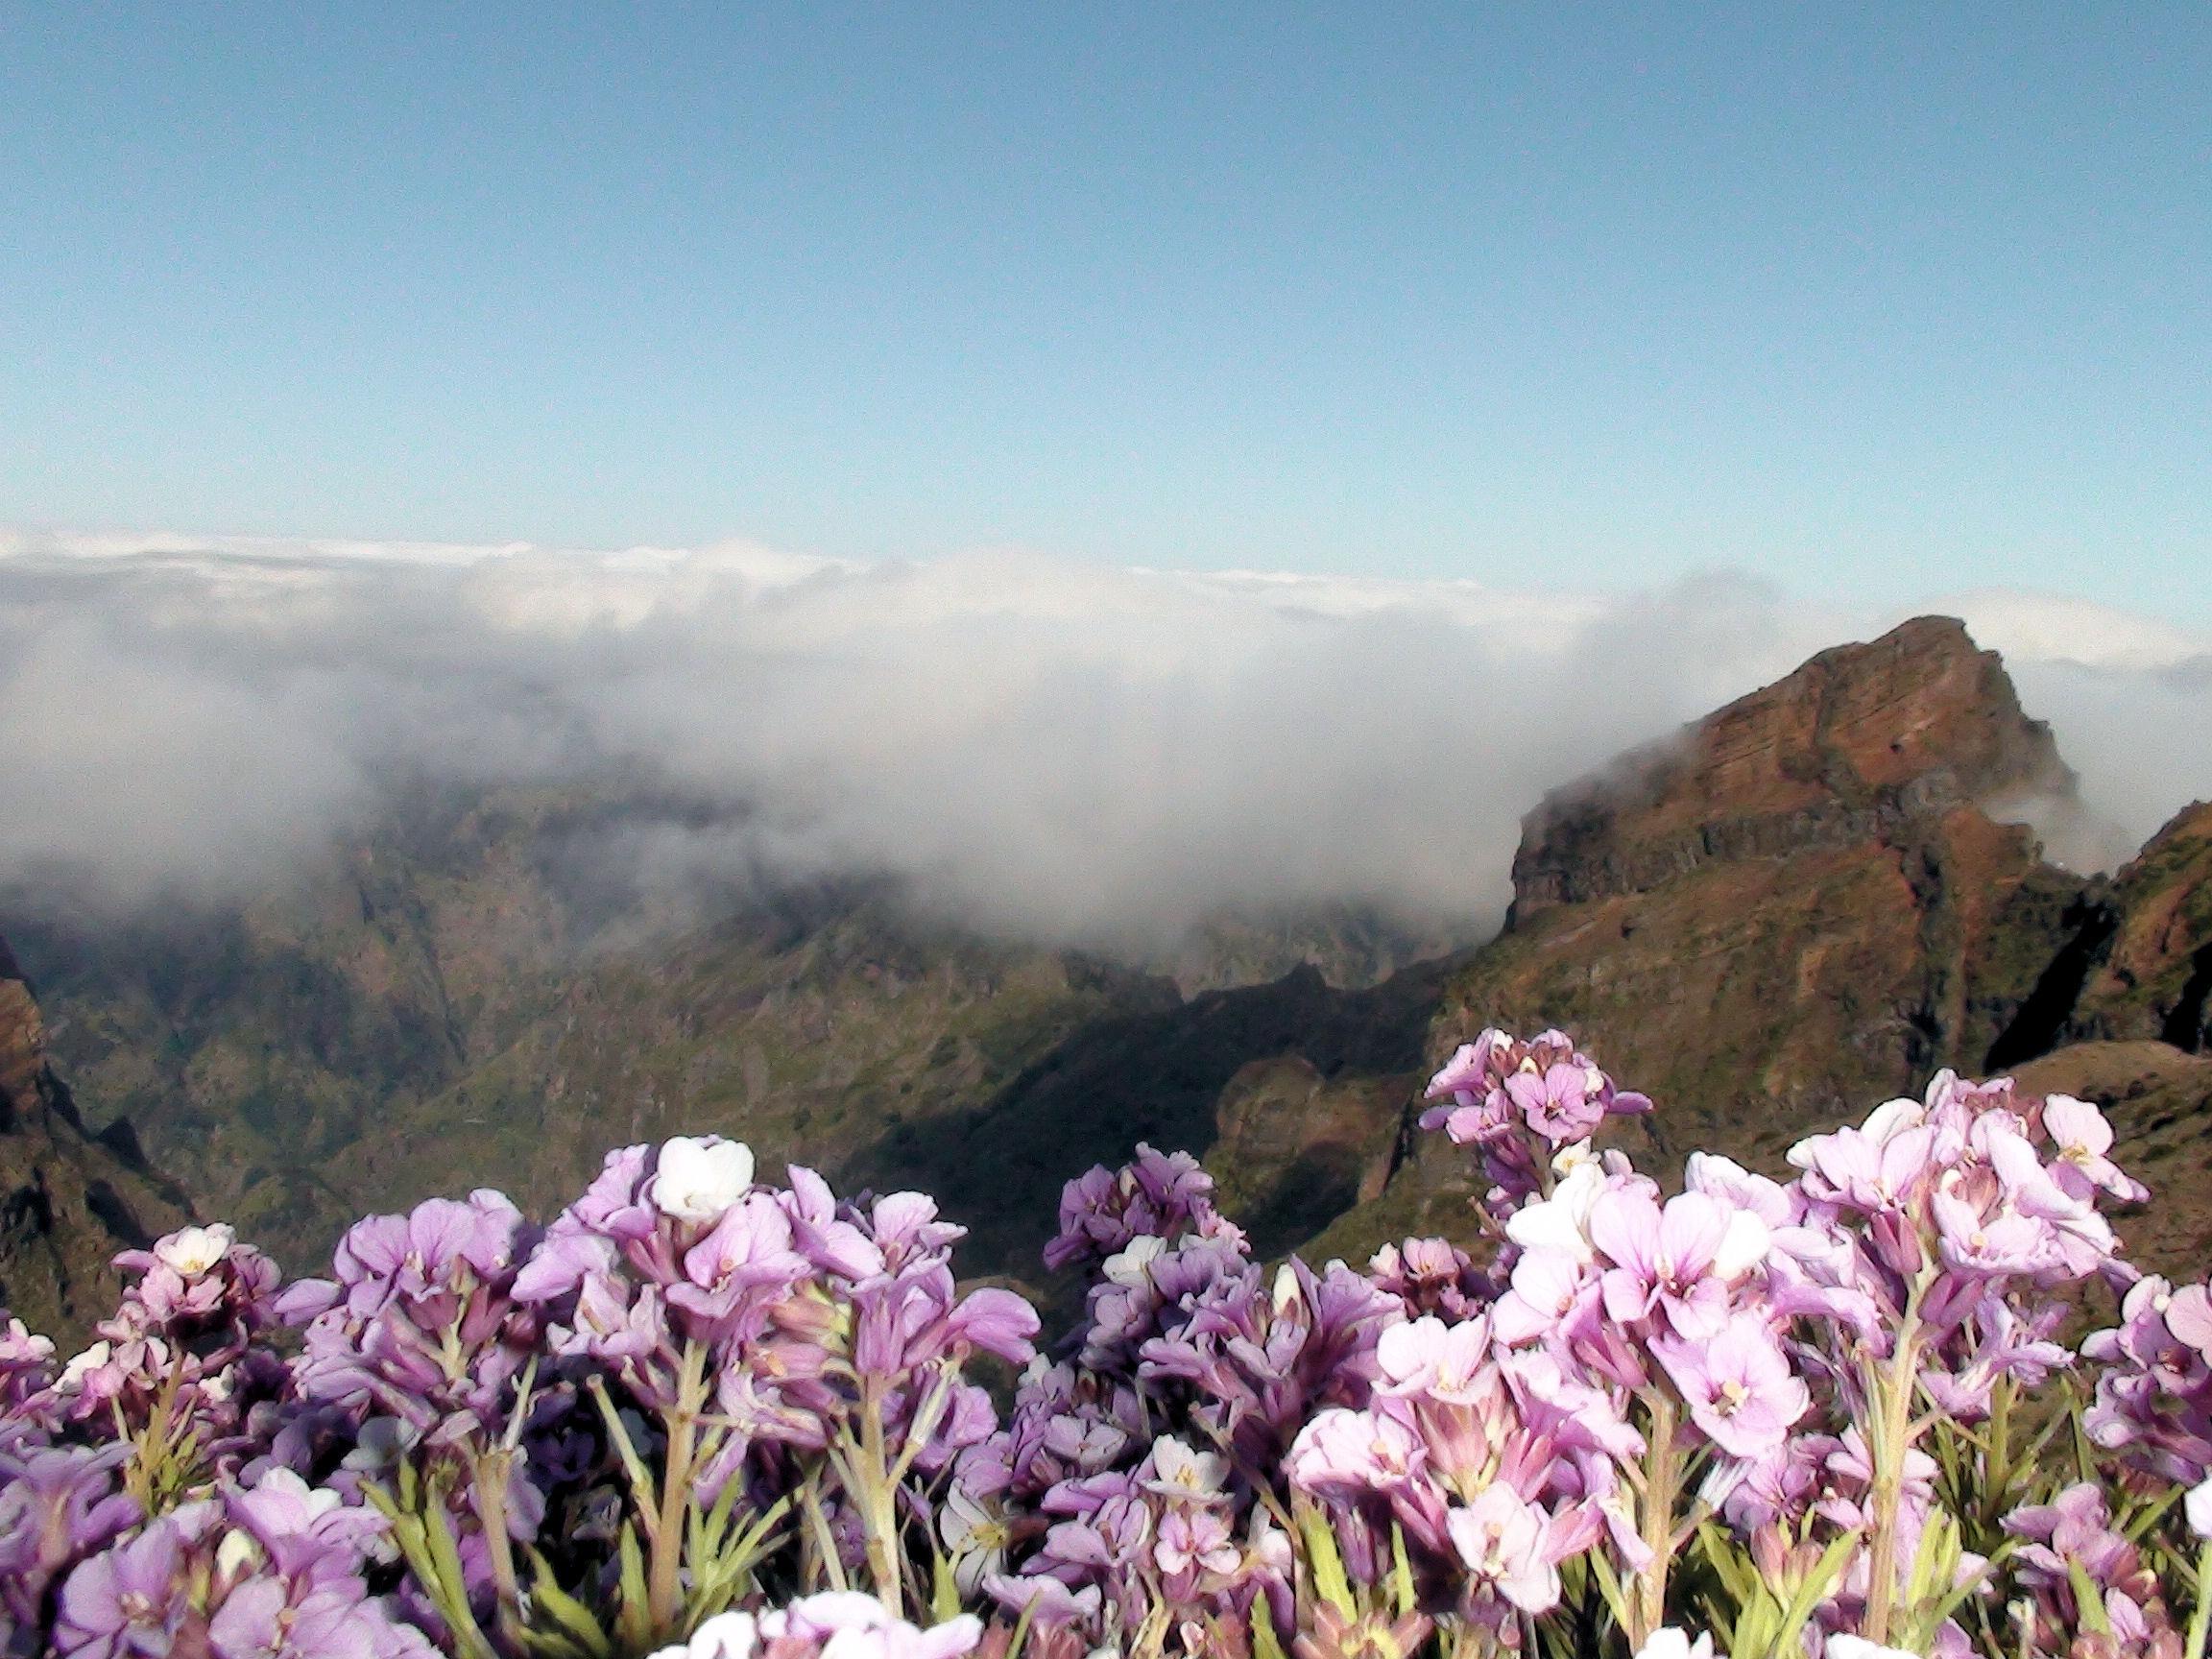 Banco De Imagens Natureza Flor Montanha Plantar Prado Flor